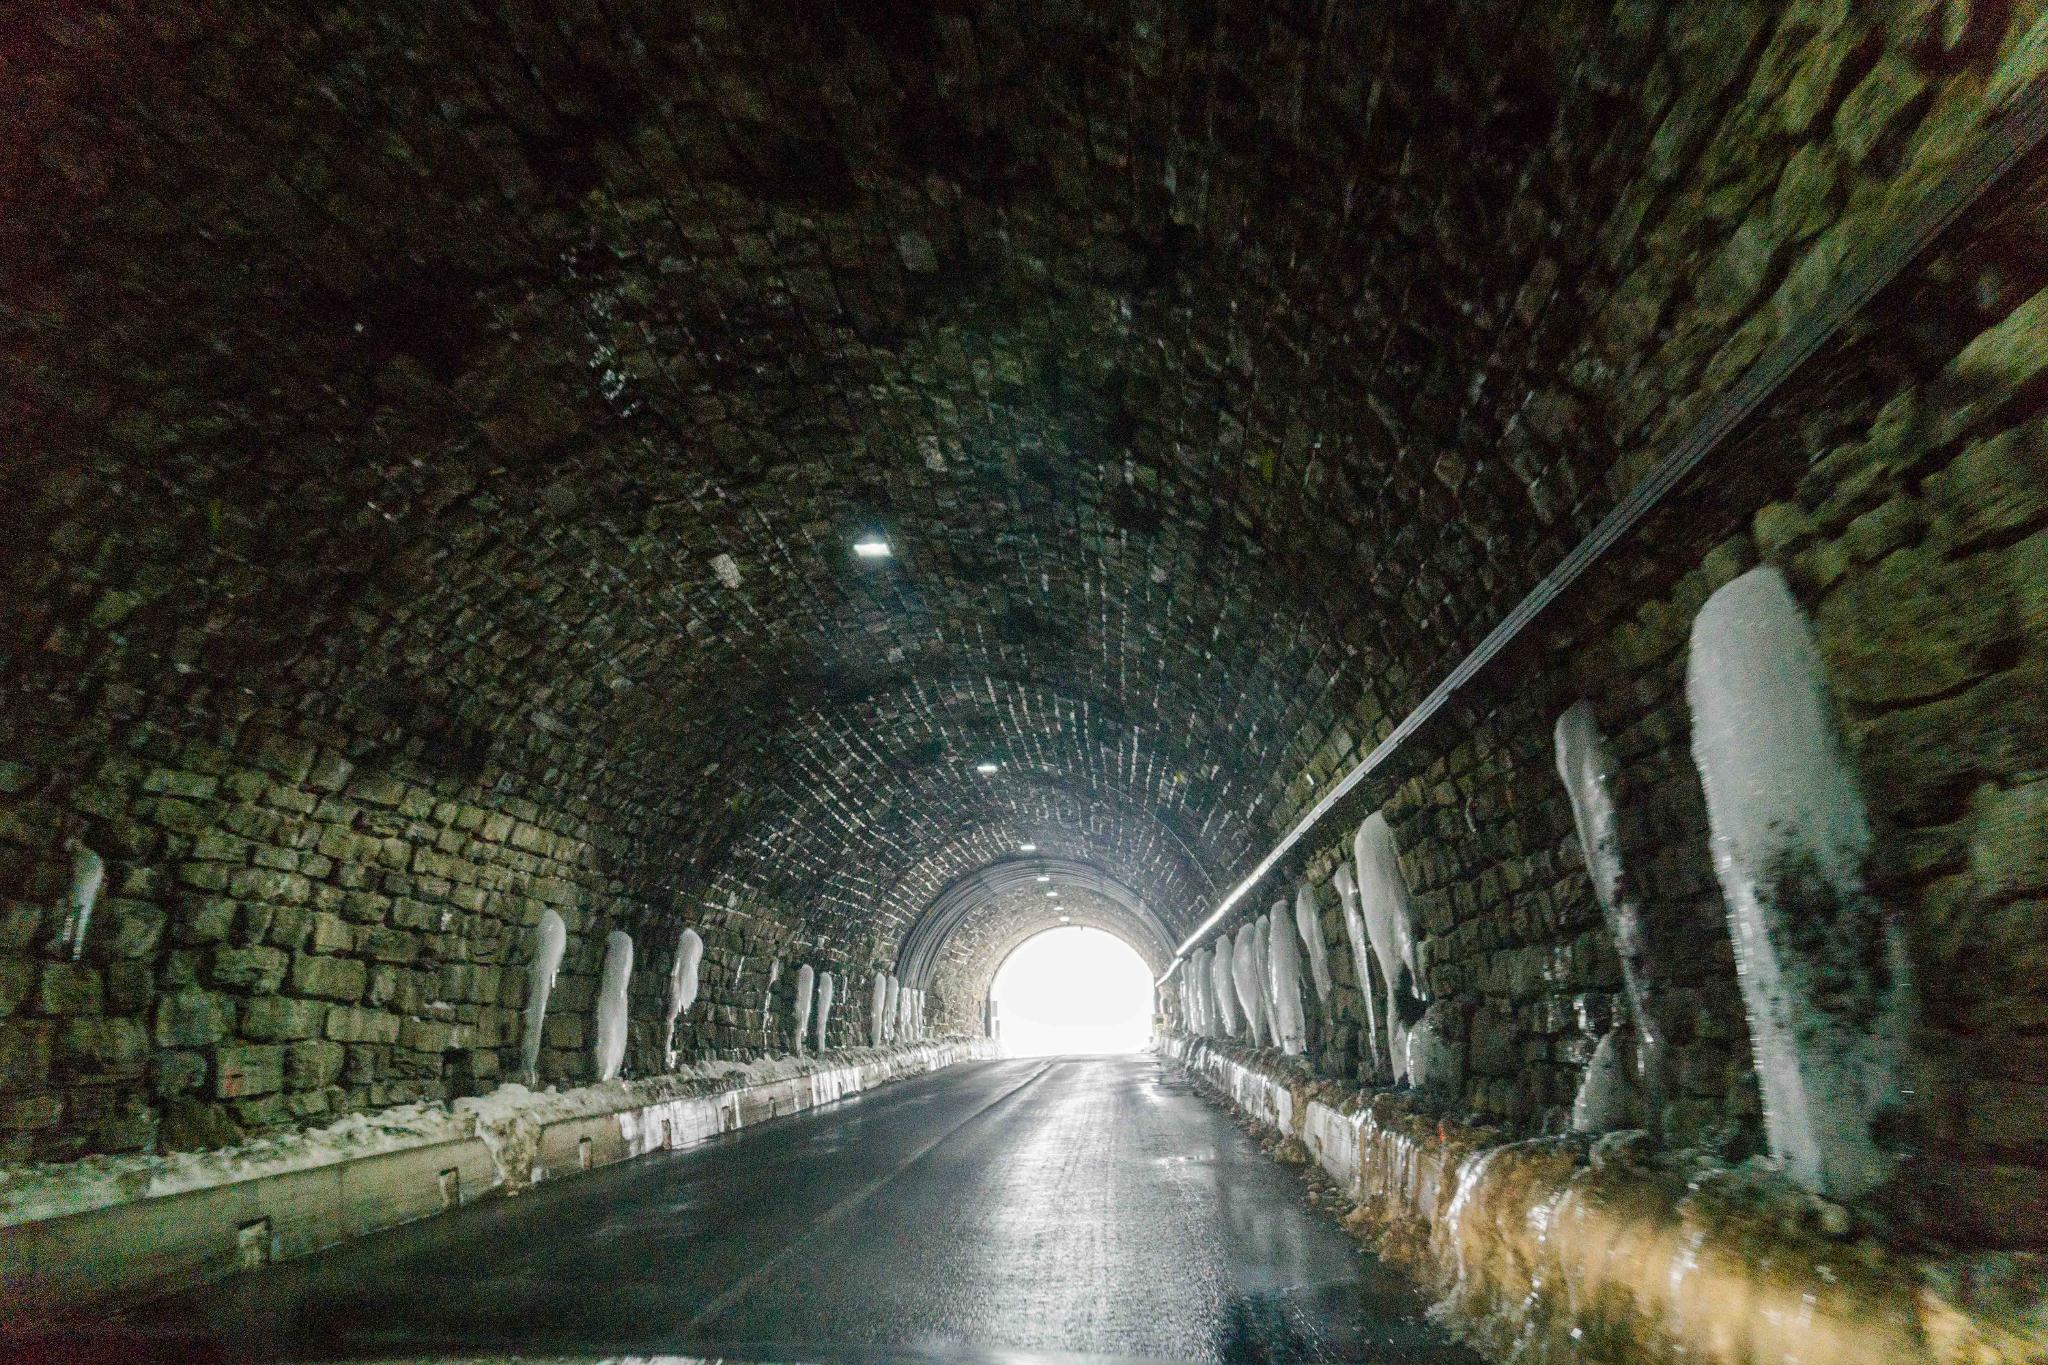 【奧地利】穿越阿爾卑斯之巔 — 奧地利大鐘山冰河公路 (Grossglockner High Alpine Road) 43